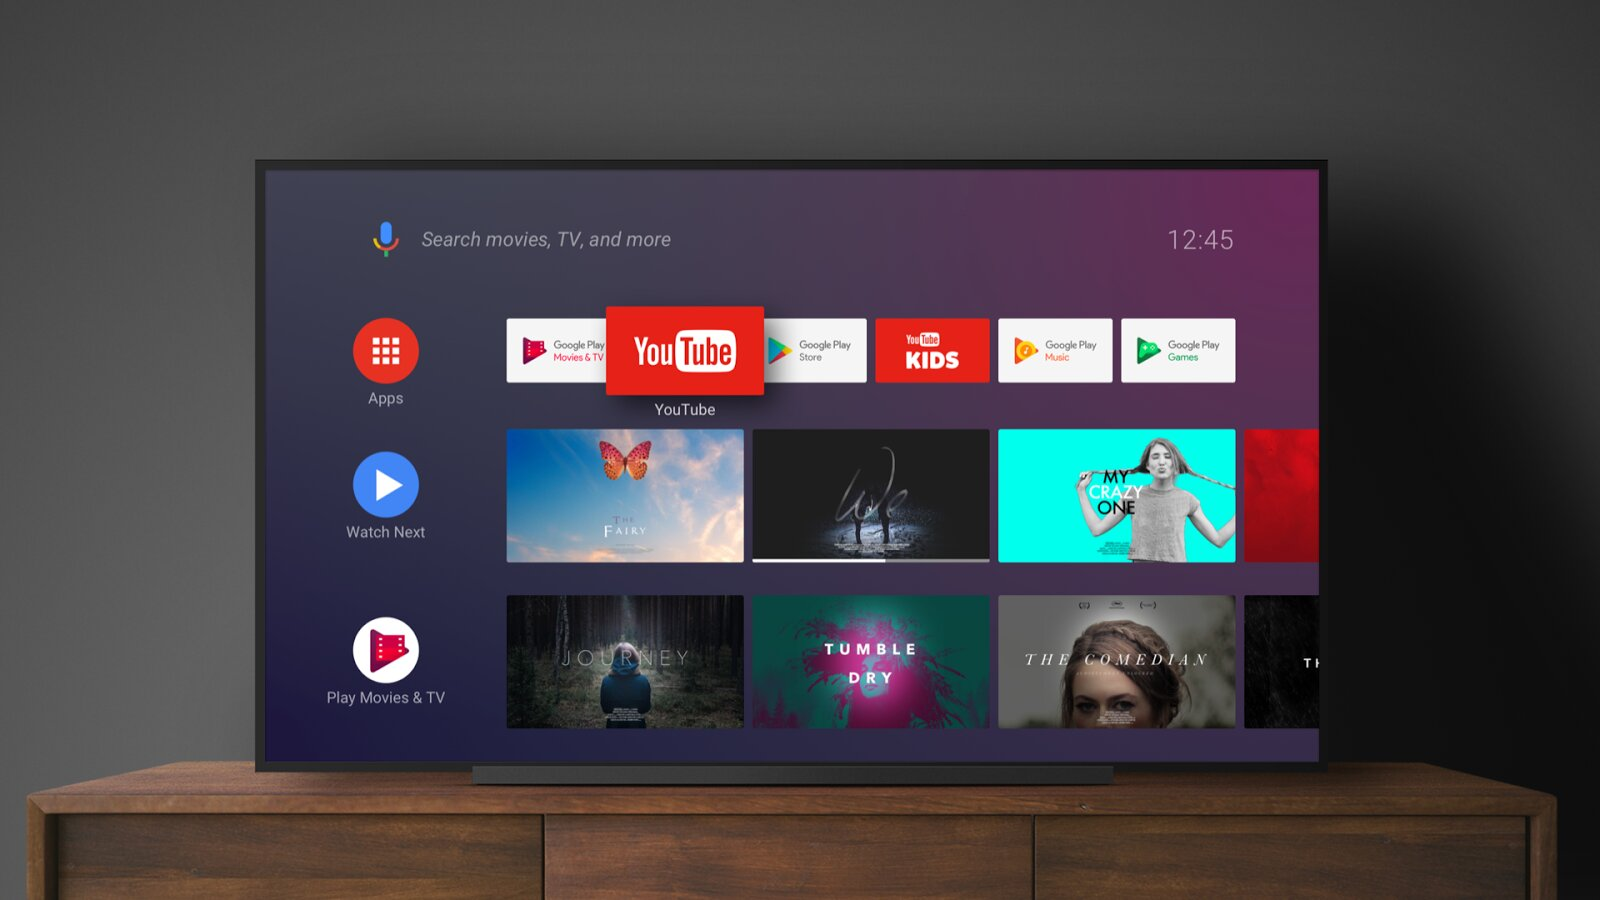 aptoide tv apk на телевизор